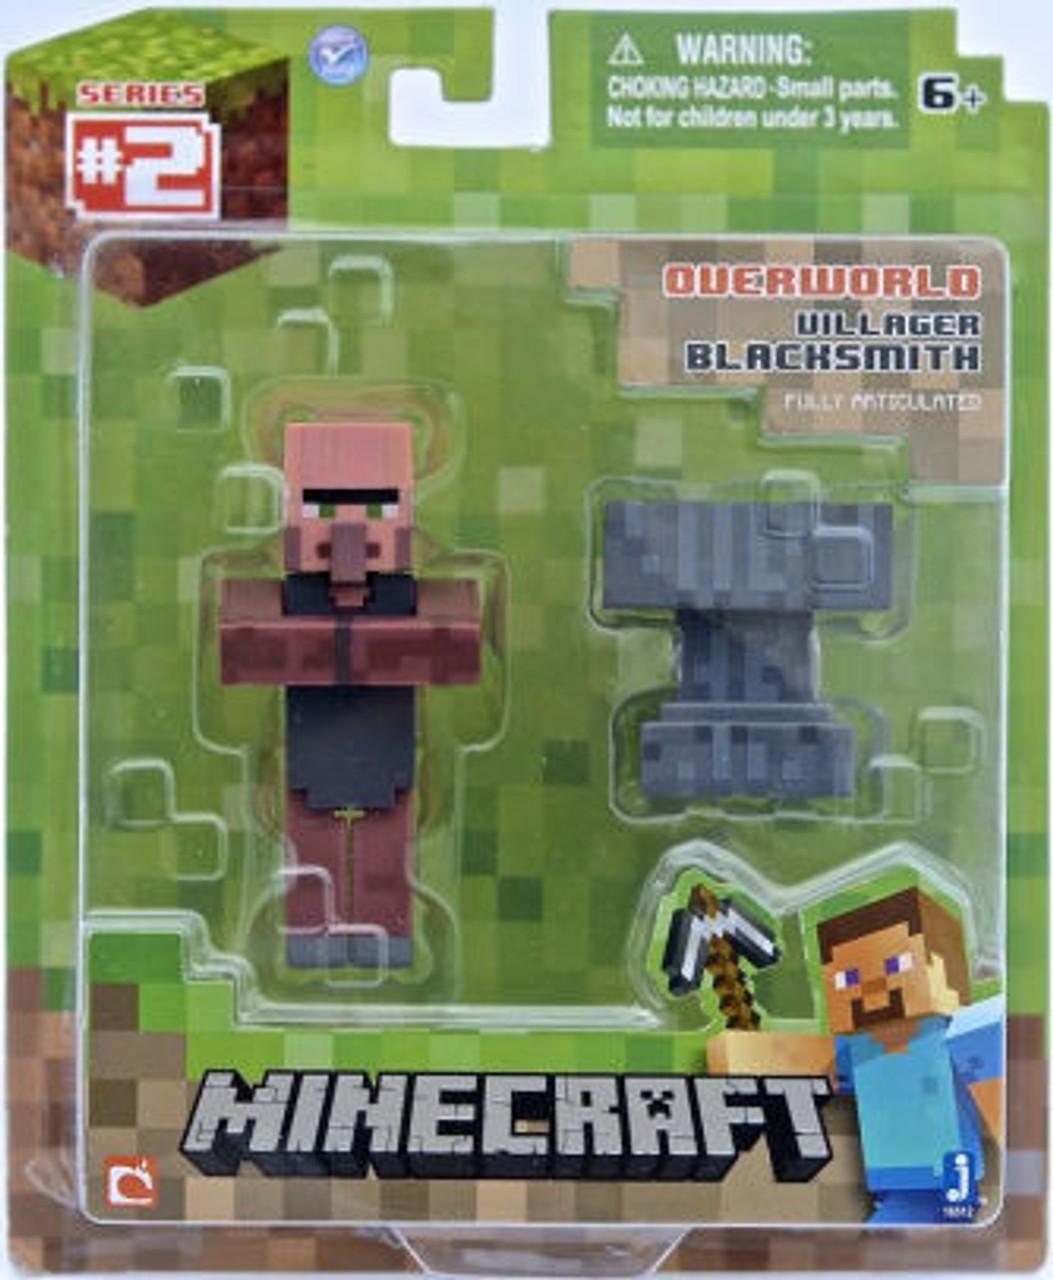 Minecraft - Overworld VILLAGER